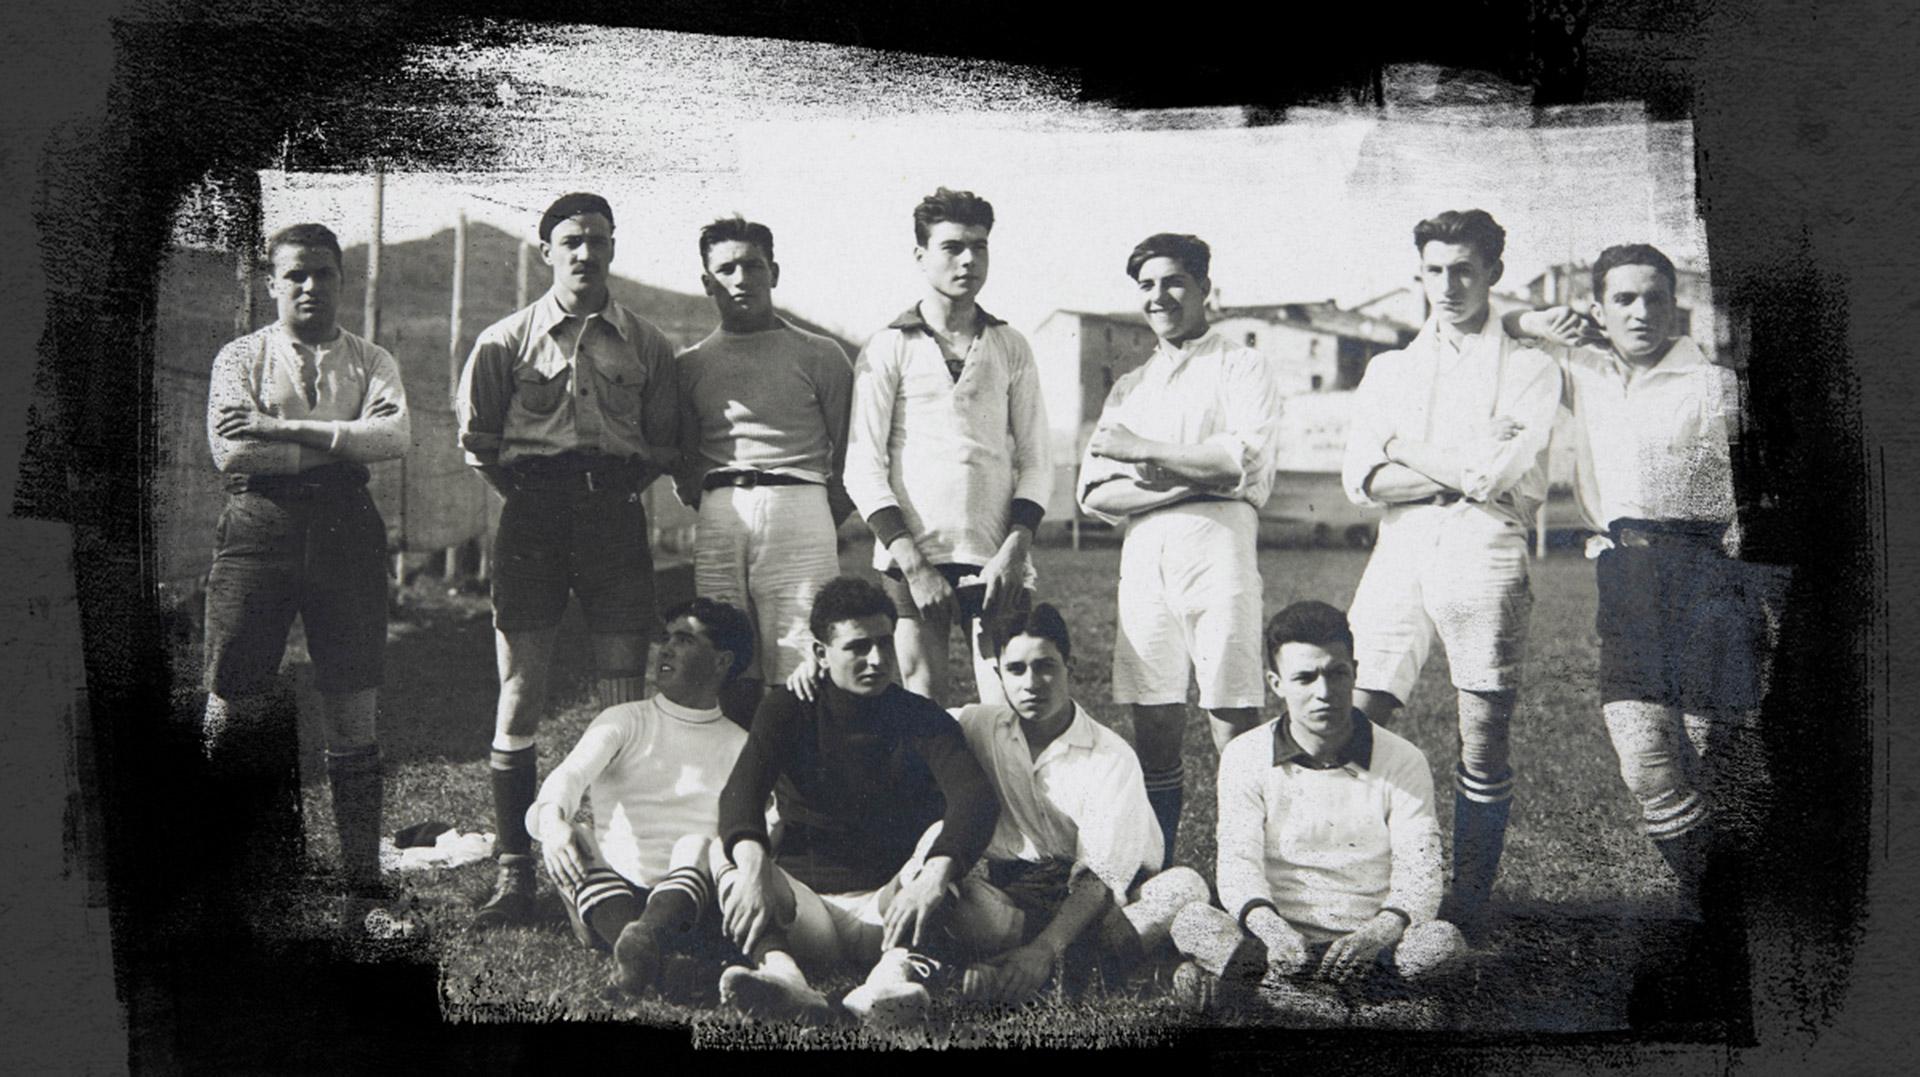 Estrena del documental 'Memòries de la Unió Esportiva Olot'